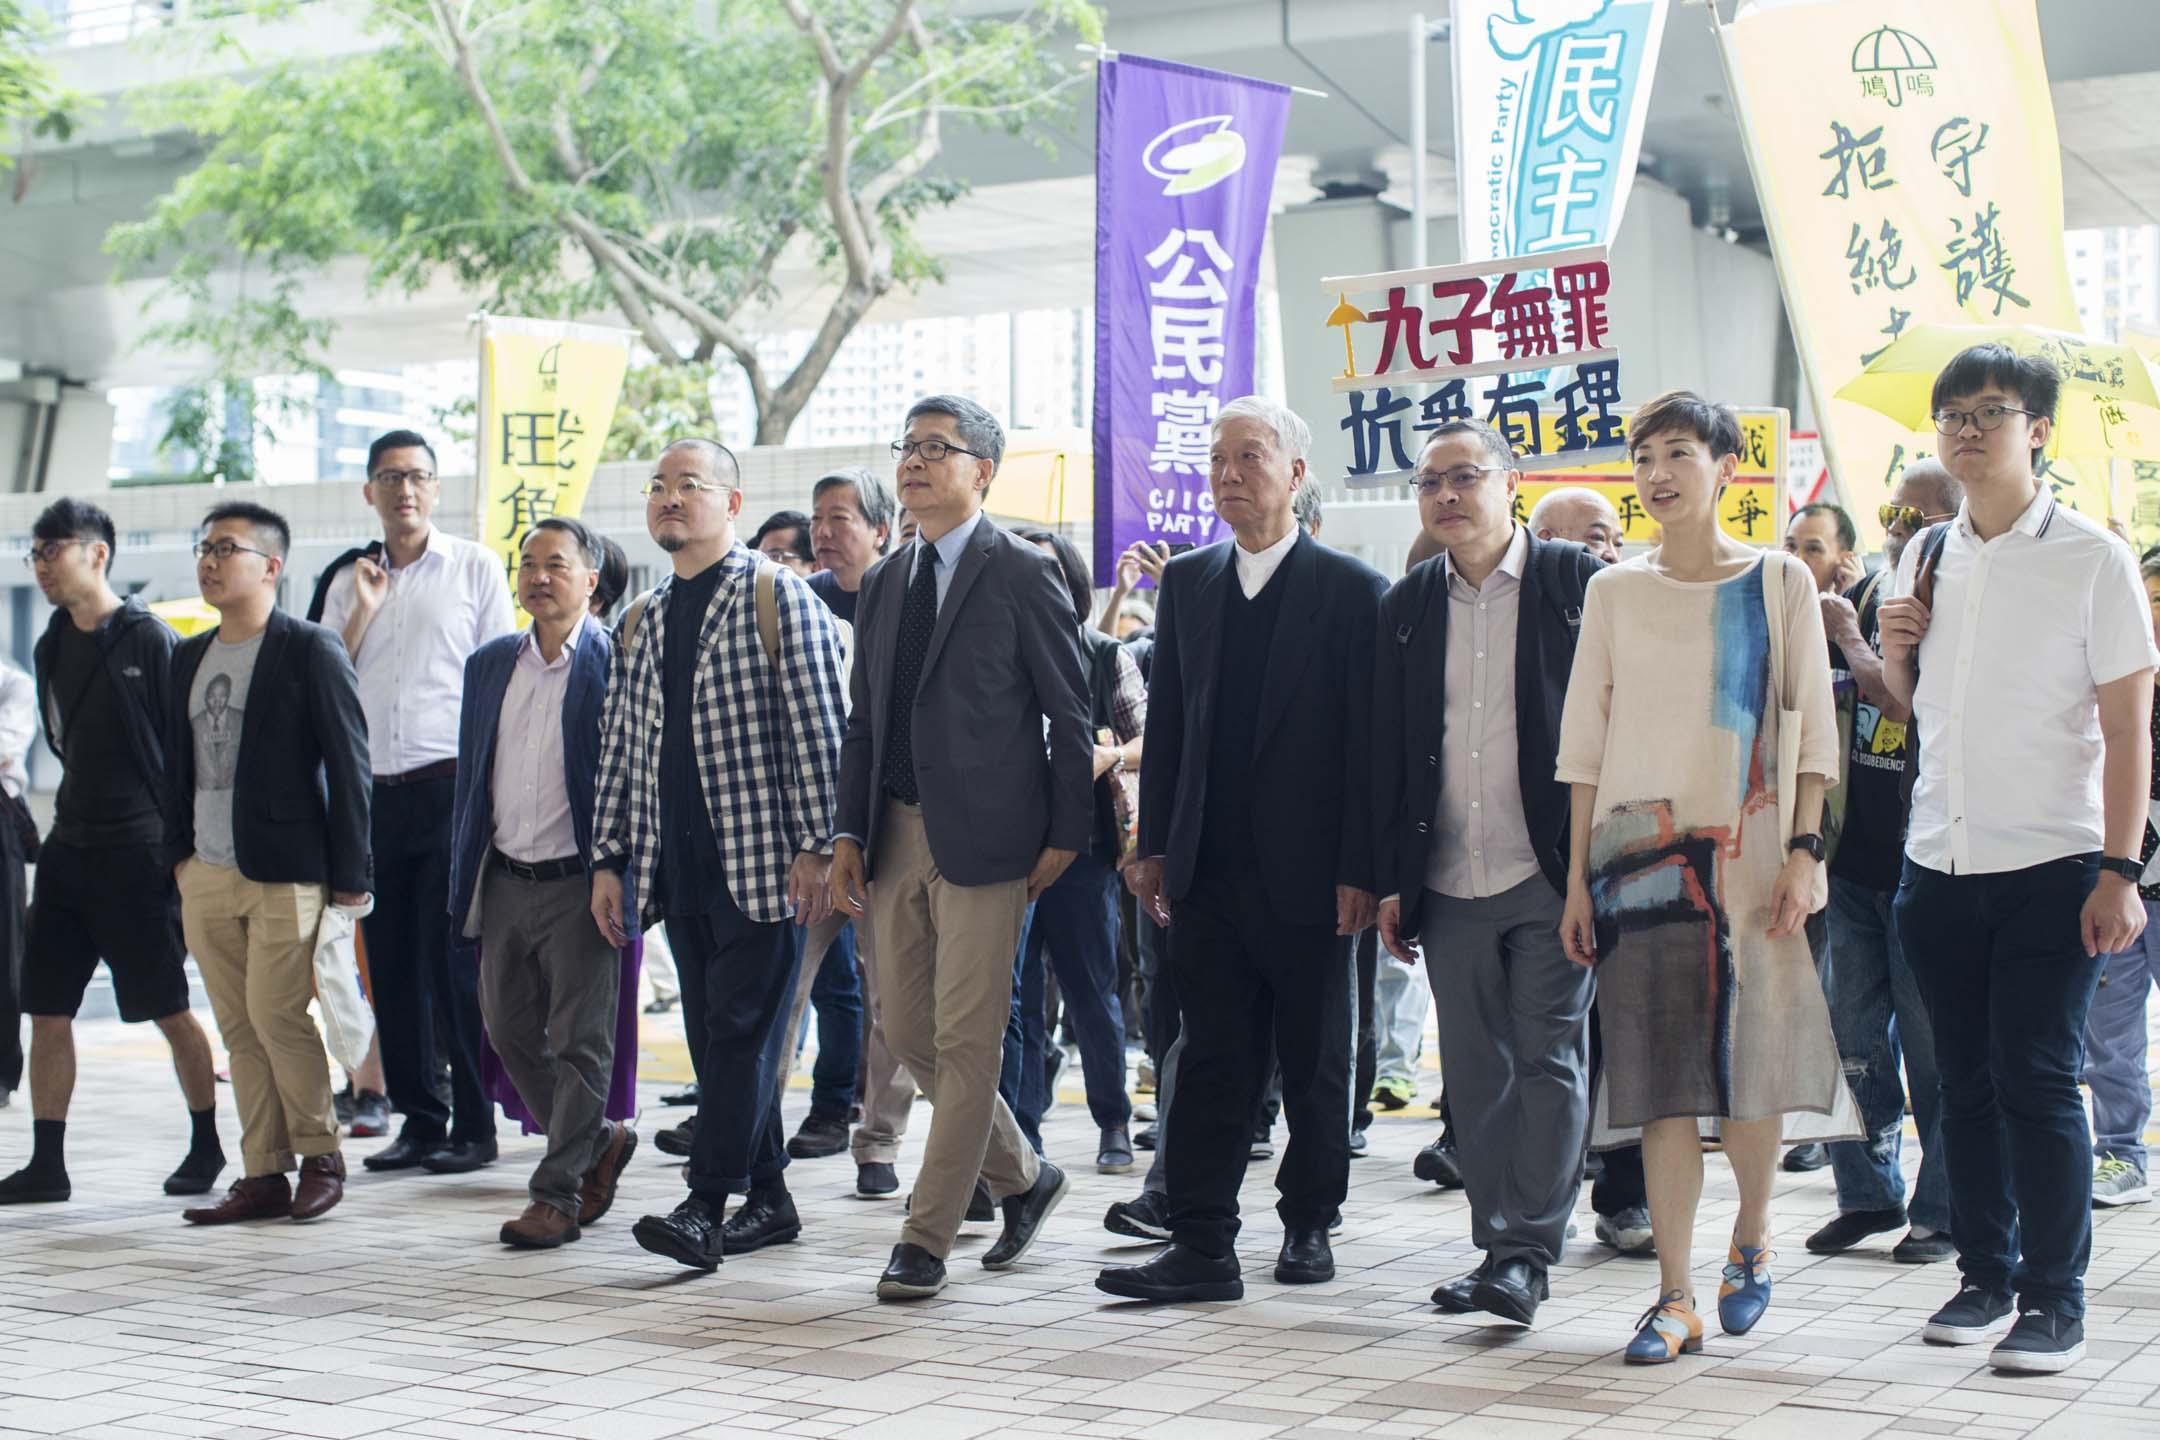 2019年4月10日,佔中九子案判決,九名被告戴耀庭、陳健民、朱耀明、陳淑莊、邵家臻、張秀賢、鍾耀華、黃浩銘和李永達到達法院。